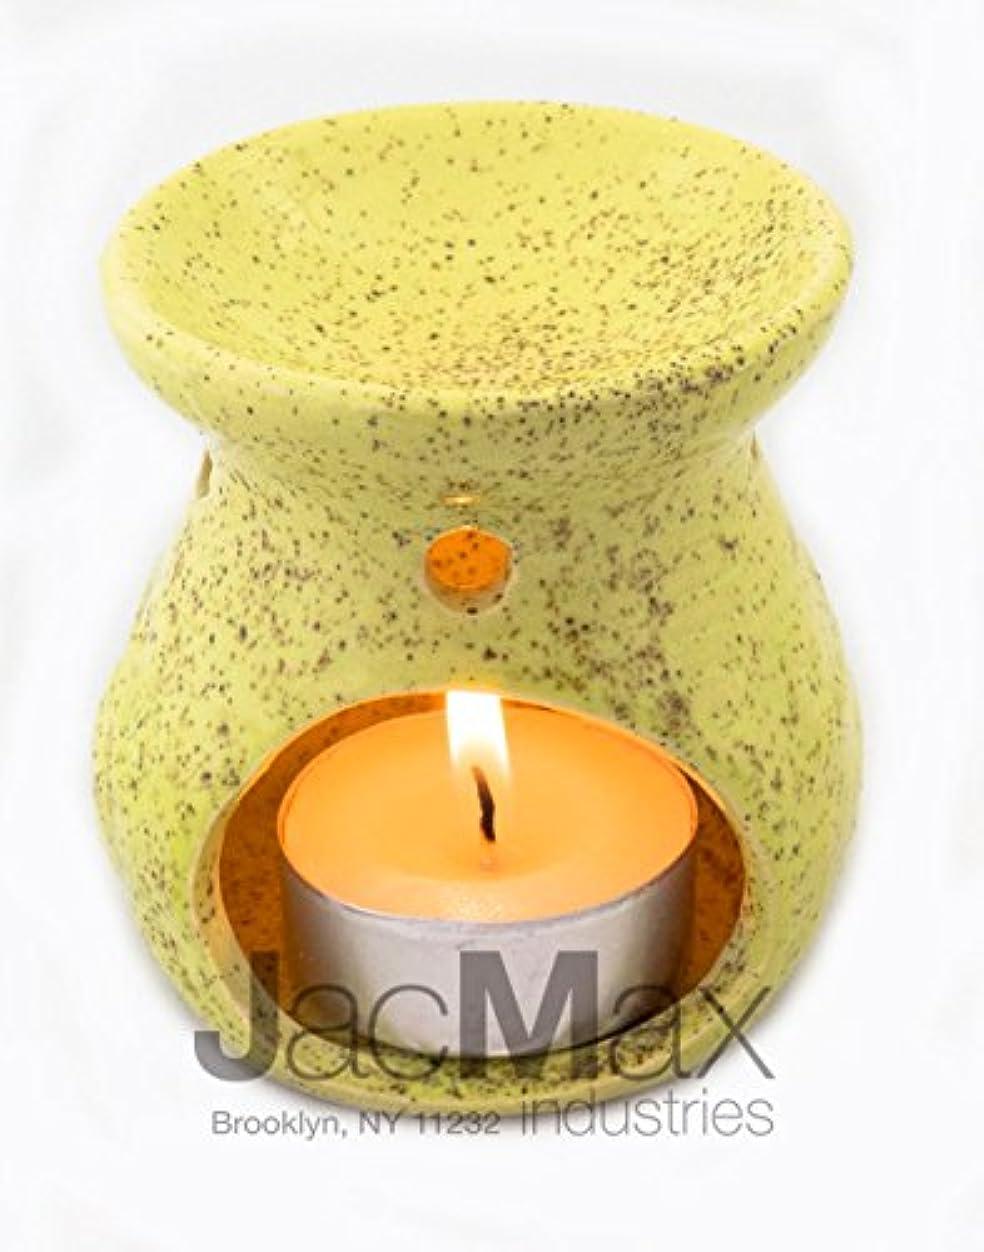 マリン粒子記念日Expressive香りセラミックBurner for Oil andワックスMelts – Fragrance Oil Warmerランプイエロー26 – 17